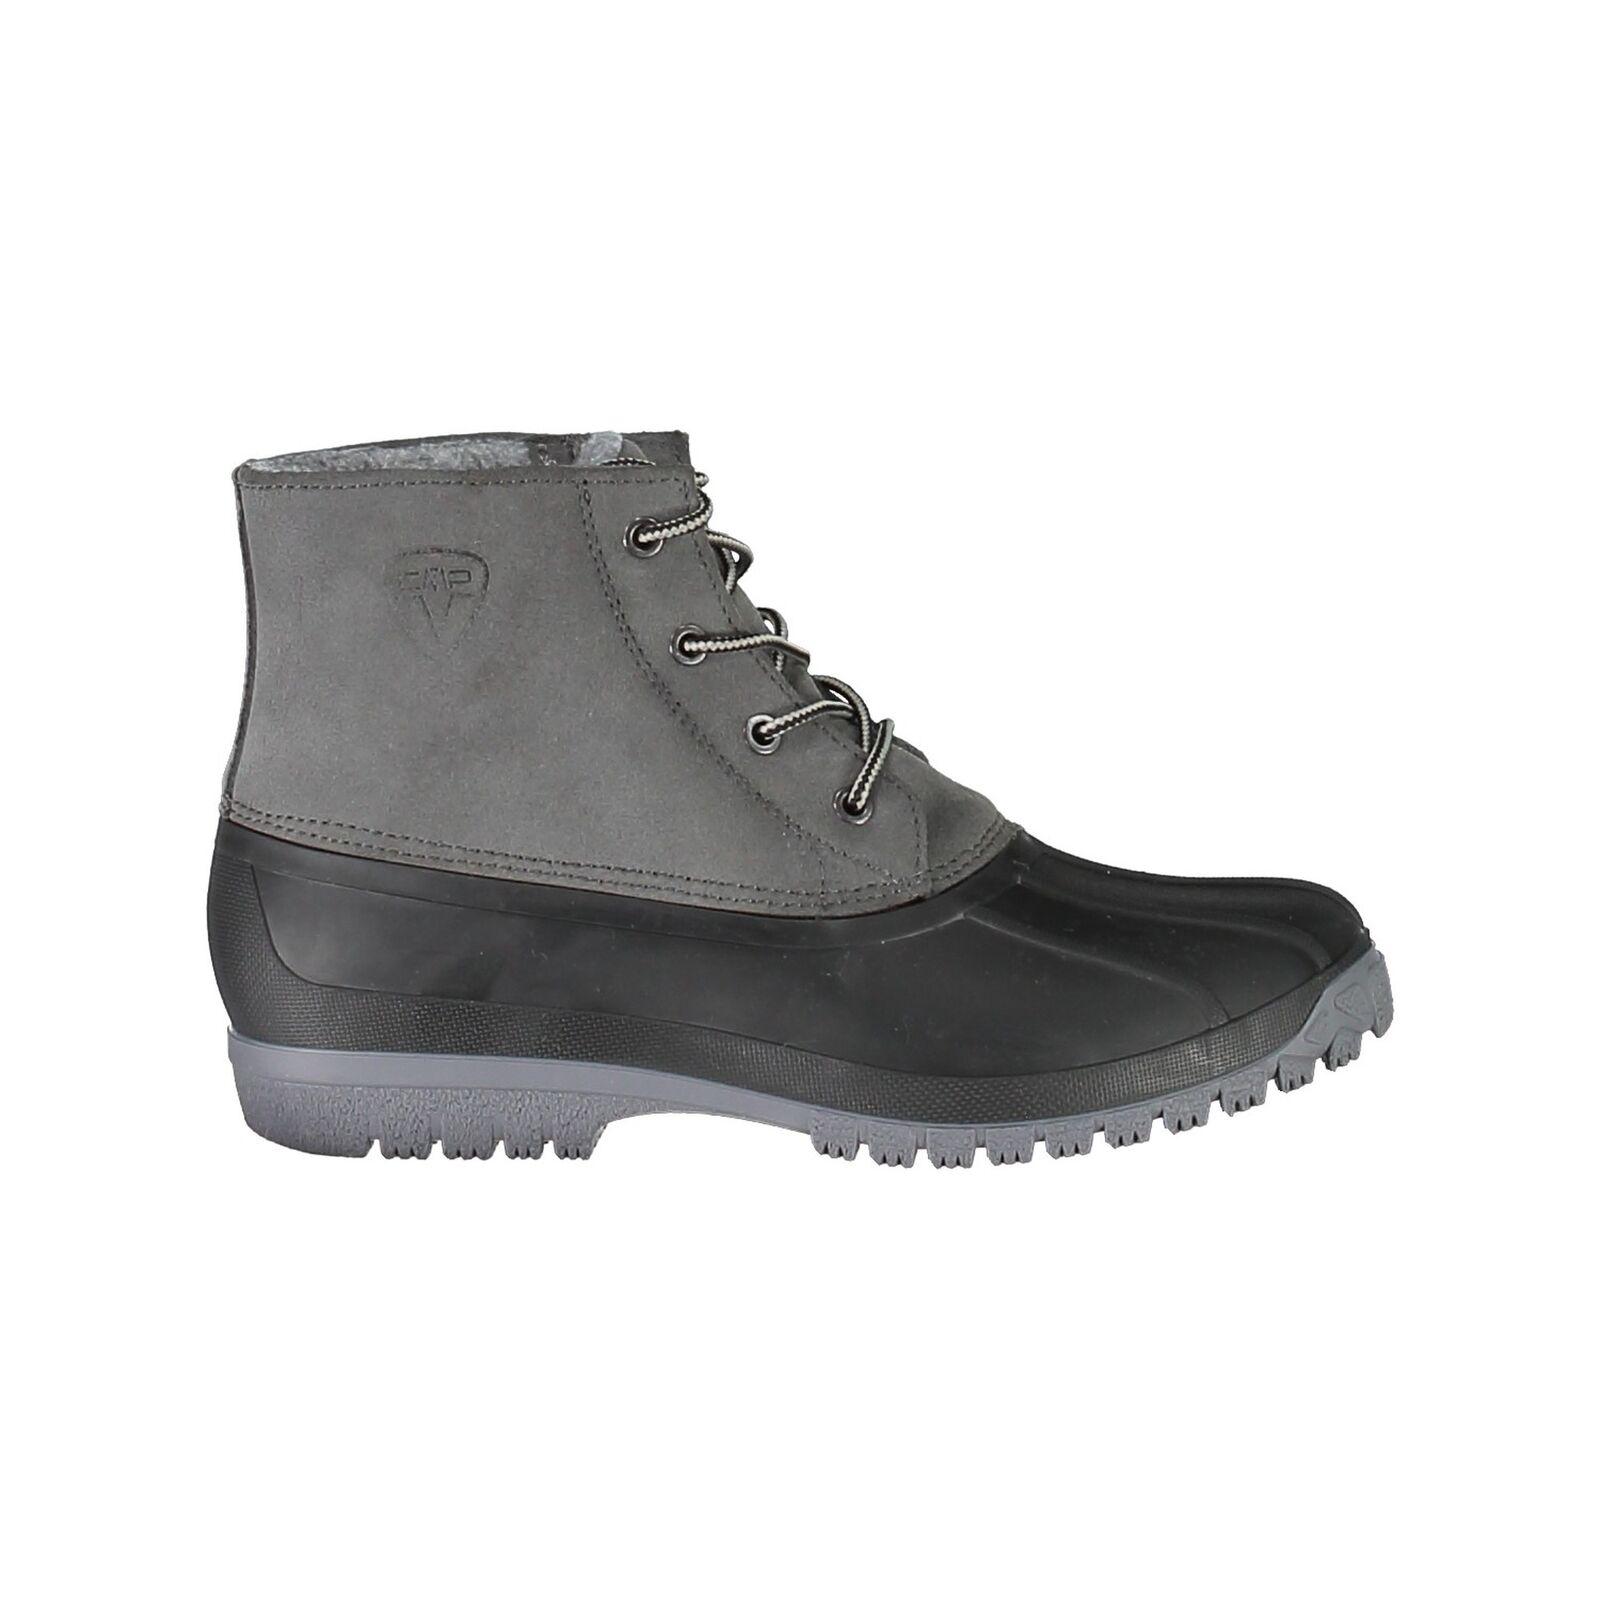 CMP botas Senderismo Zapato Al Aire Libre Bellatrix Piel